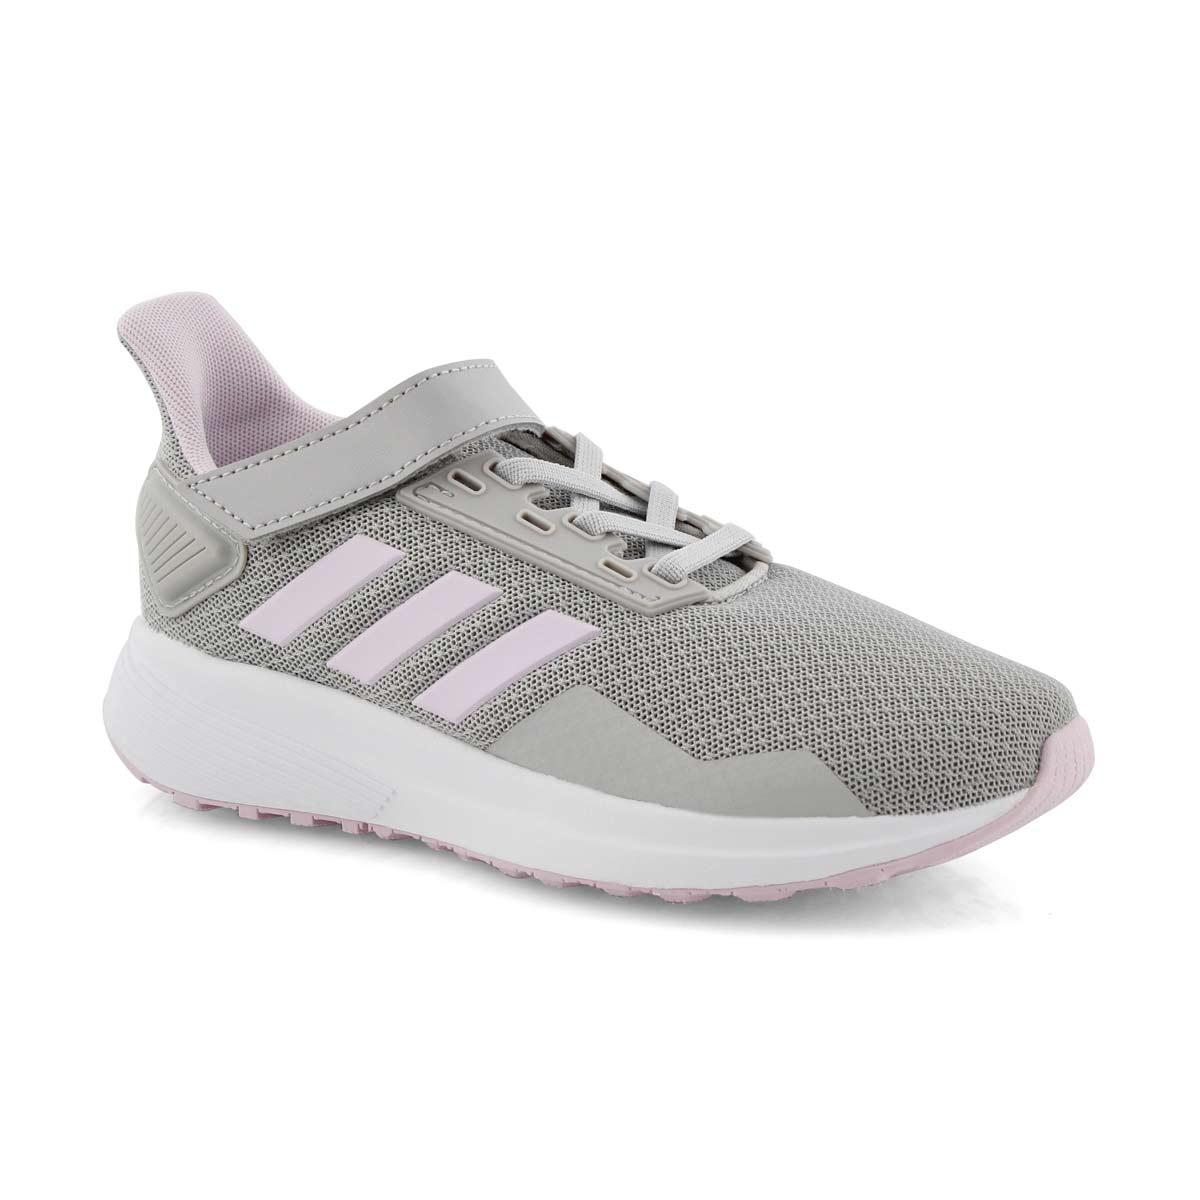 des chaussure adidas pour fille de 9 ans